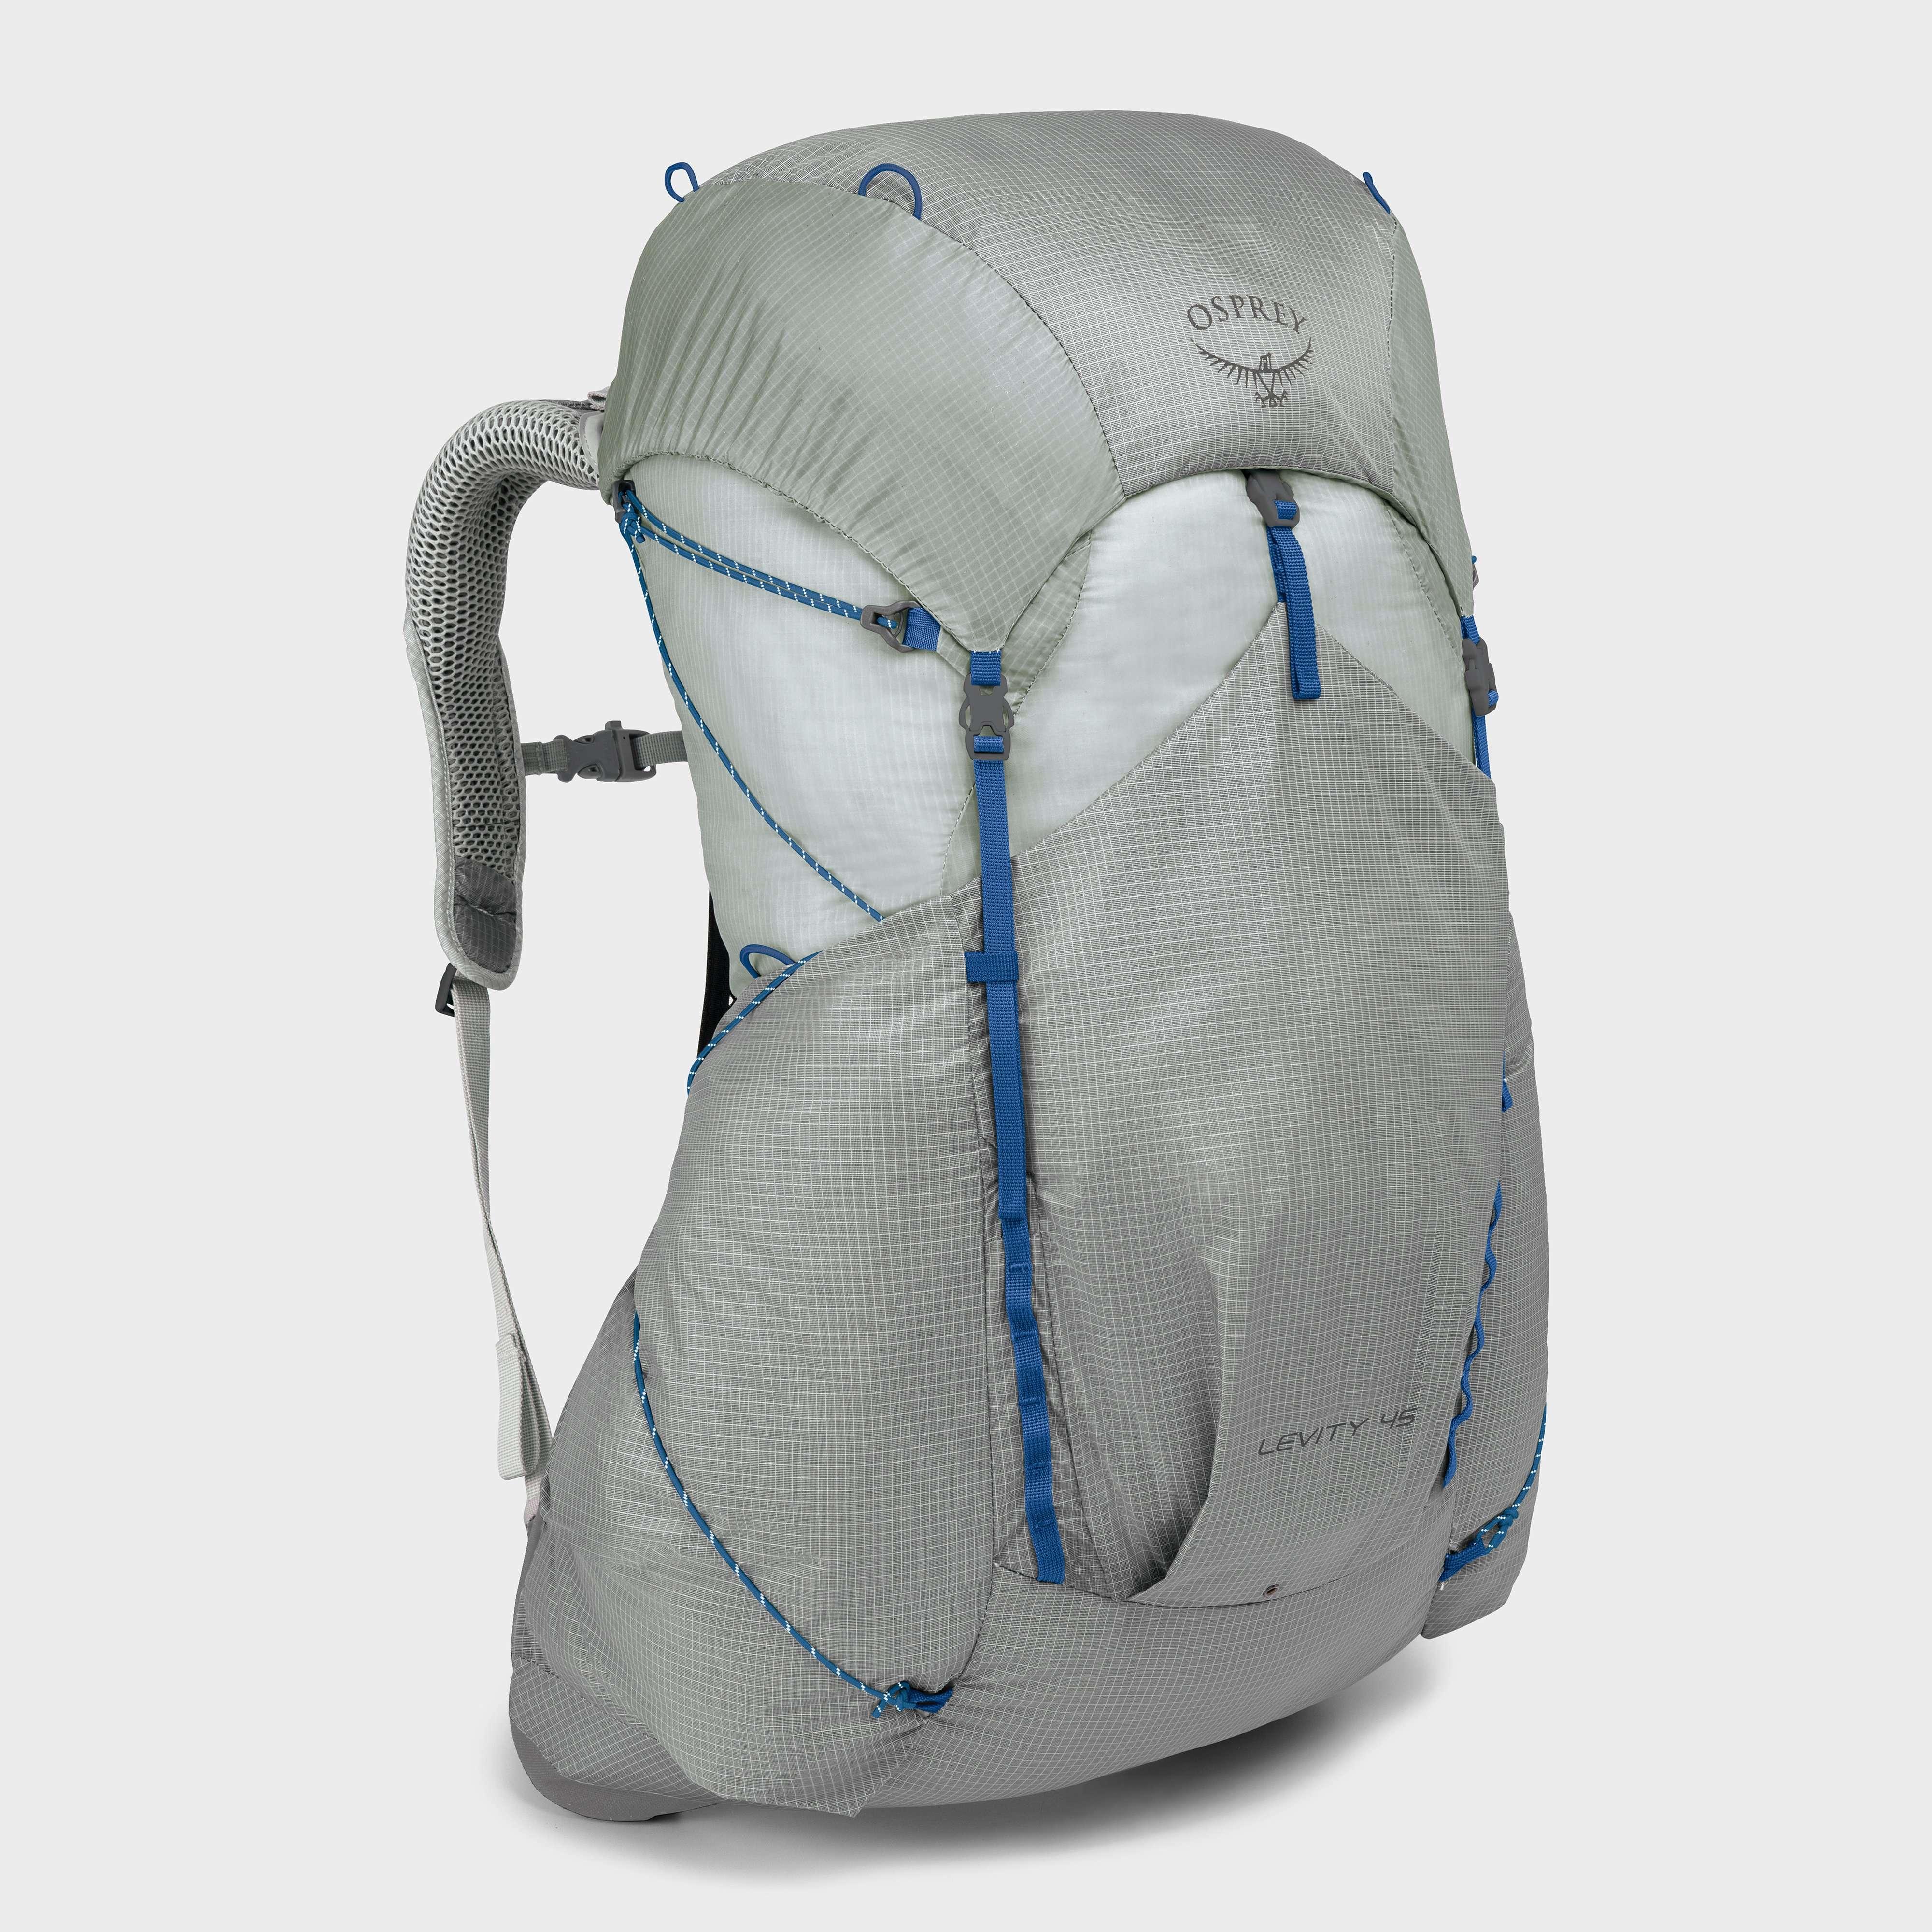 OSPREY Levity™ 45 Rucksack (Large)